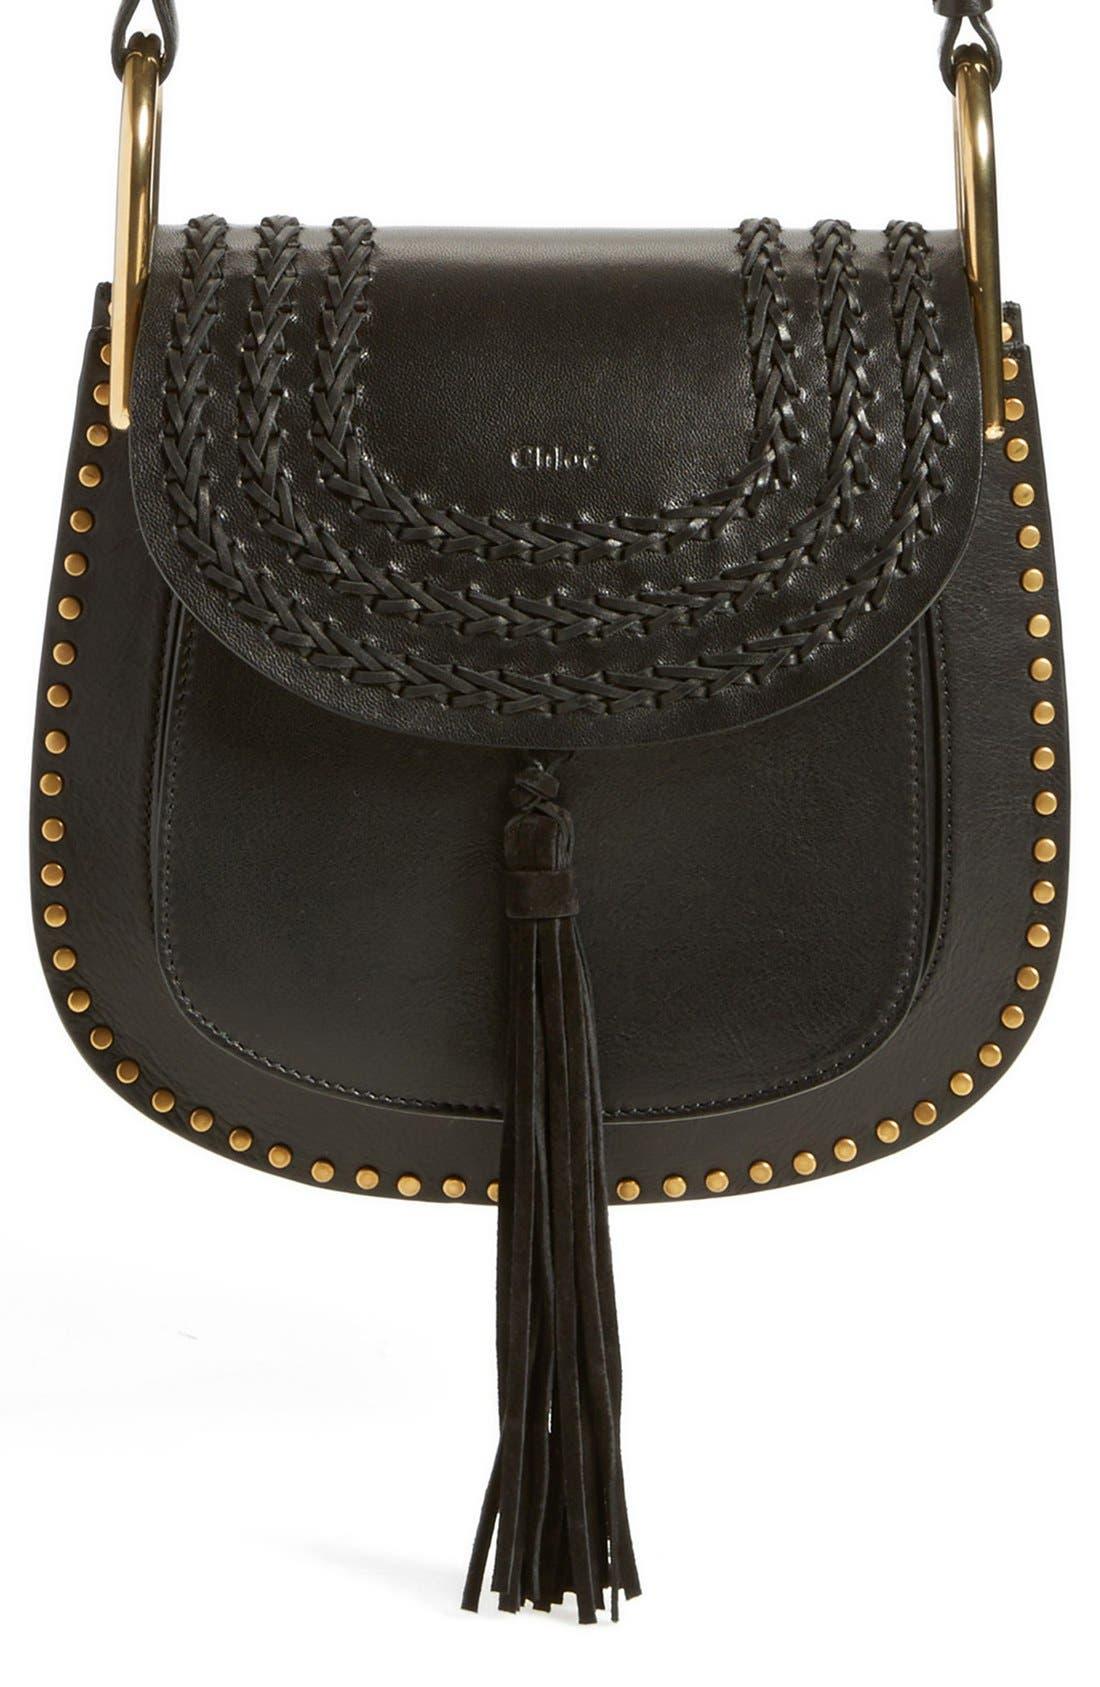 CHLOÉ 'Small Hudson' Studded Calfskin Leather Crossbody Bag, Main, color, 001